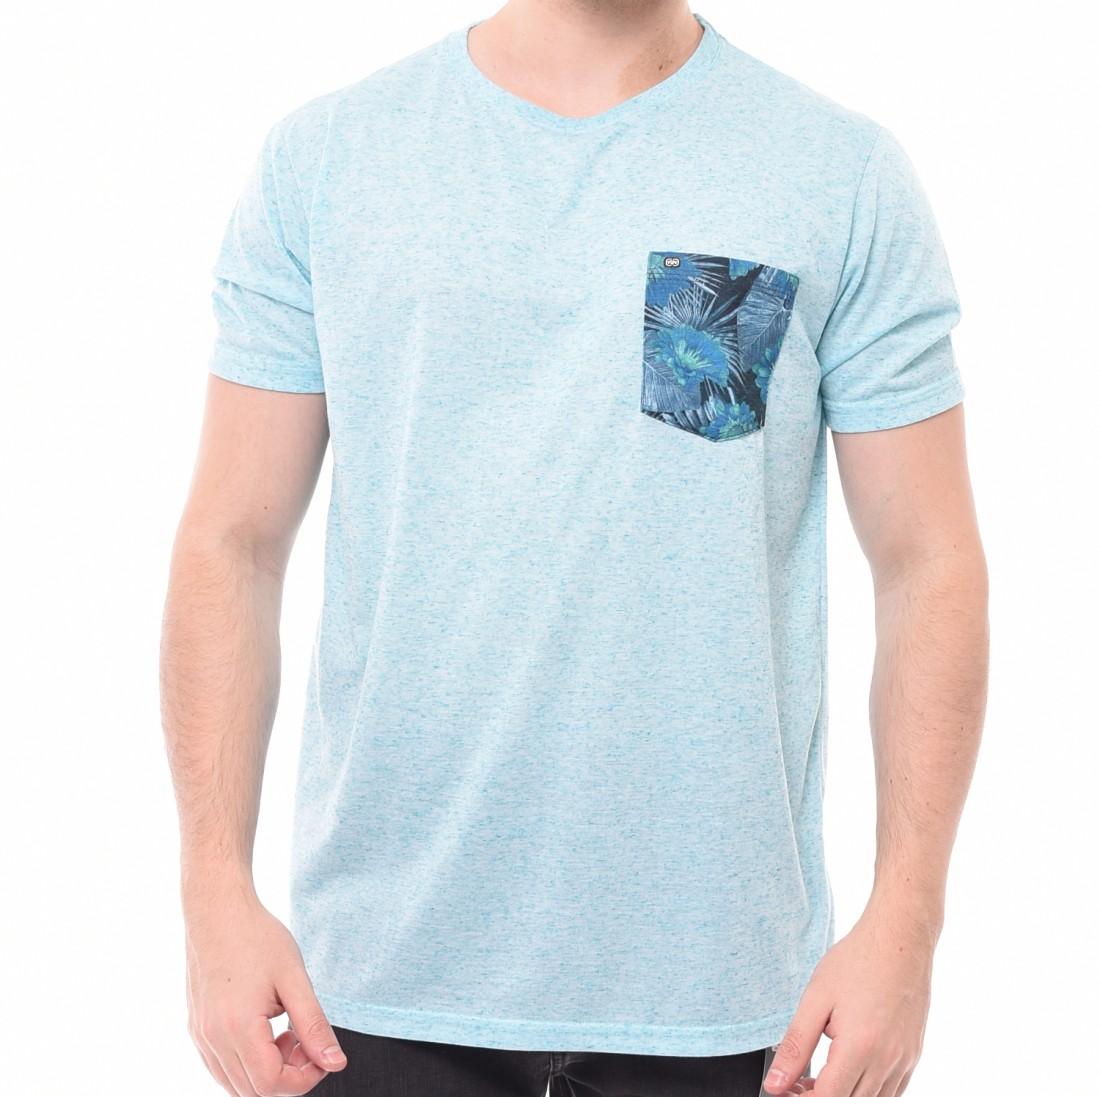 Camiseta Oceano Bolso Floral Azul Mescla - LM Martins - Veste você ... 12db8f0b272